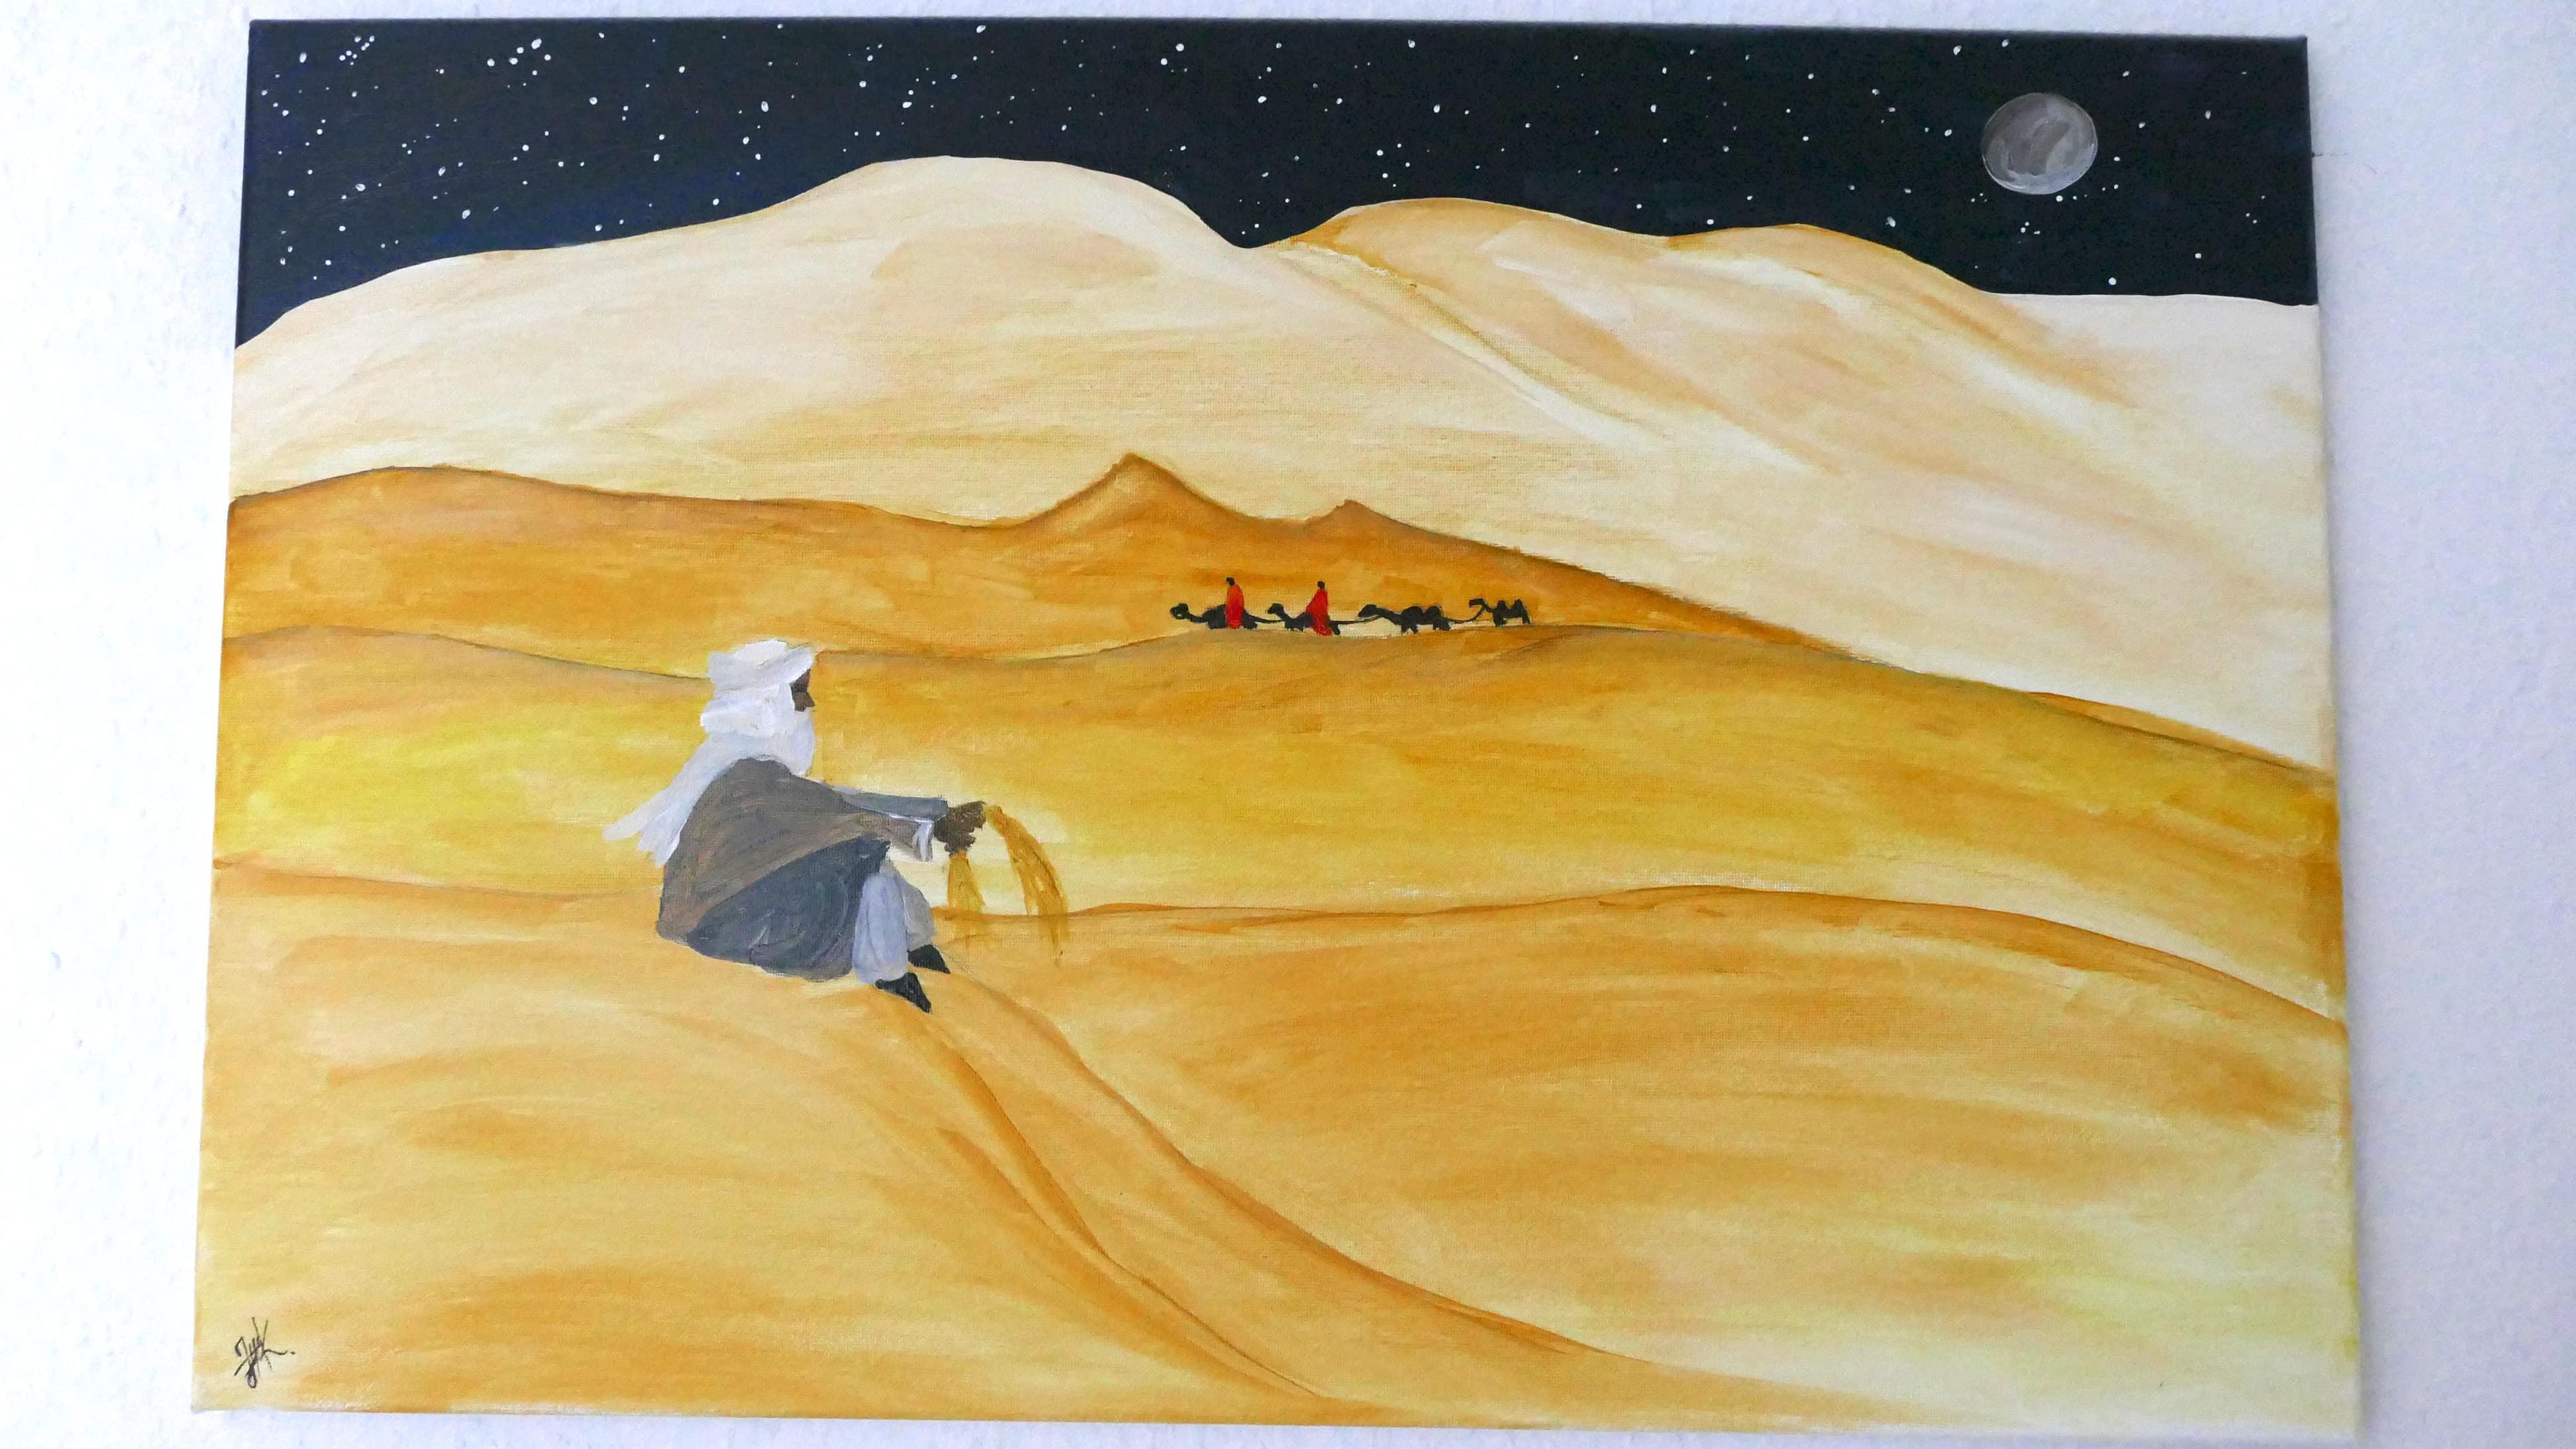 Eine Leinwand in Acrylfarbe, die eine Wüstenlandschaft zeigt